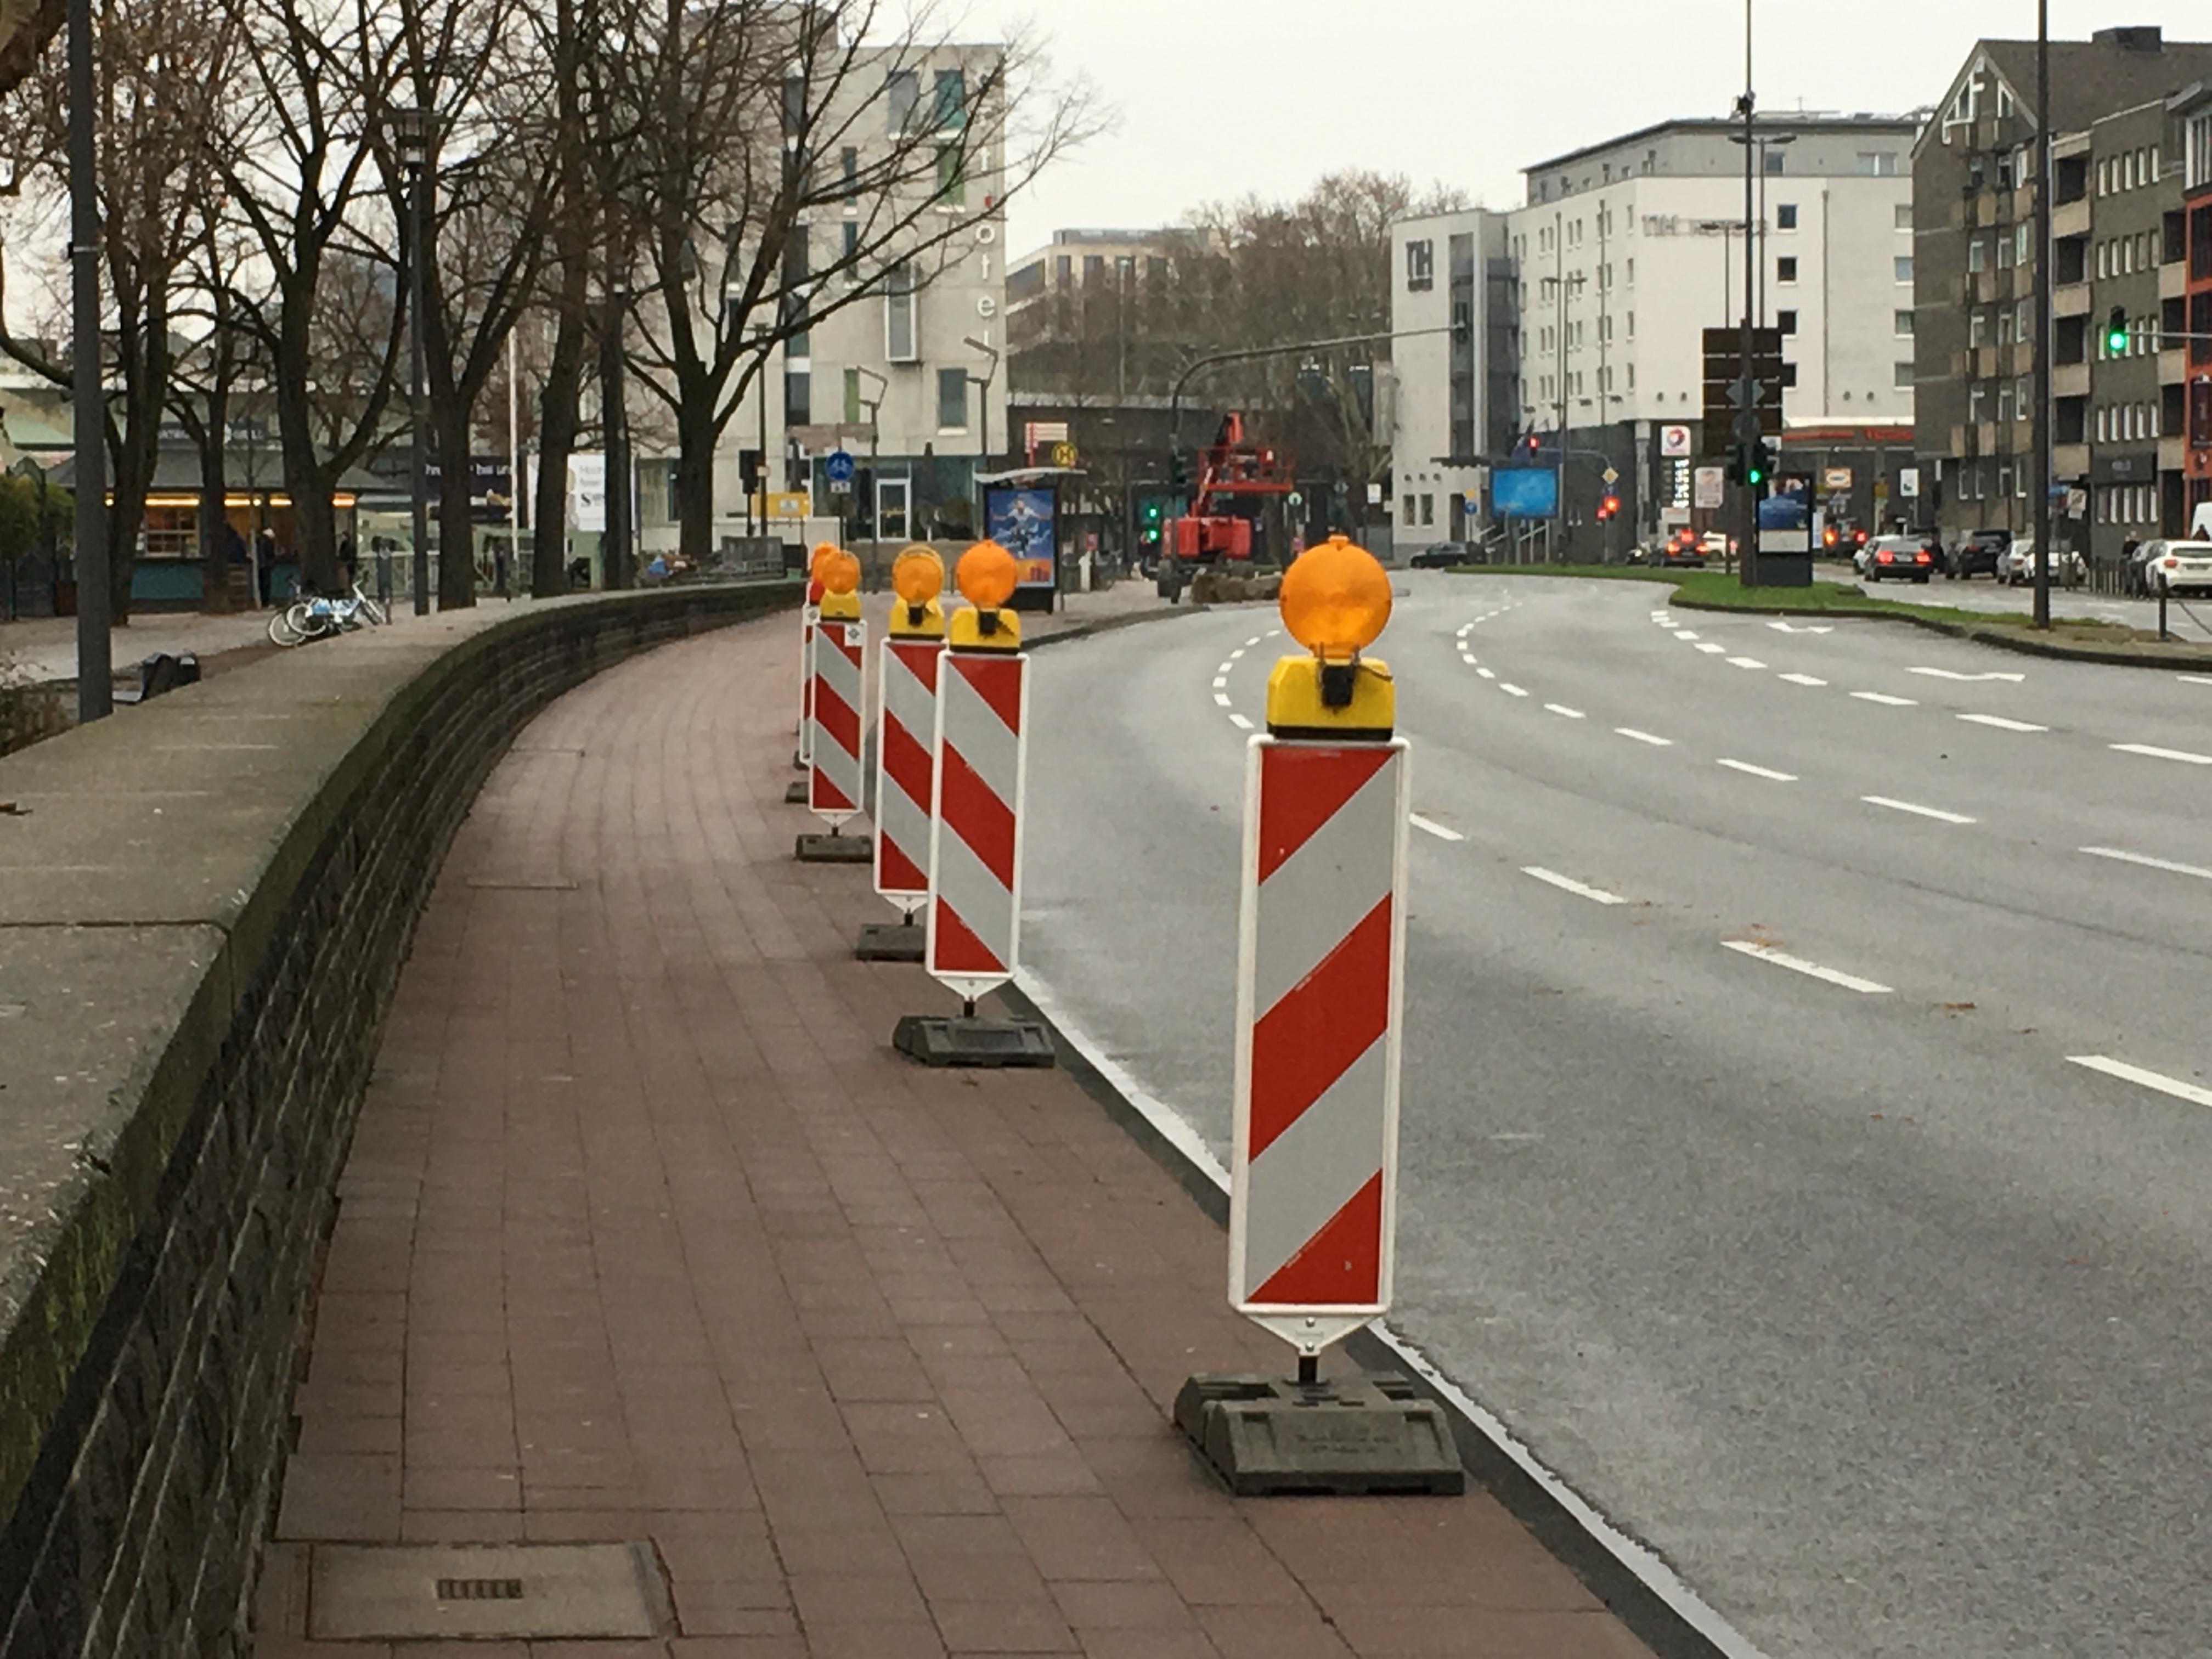 Warnbaken auf dem Radweg